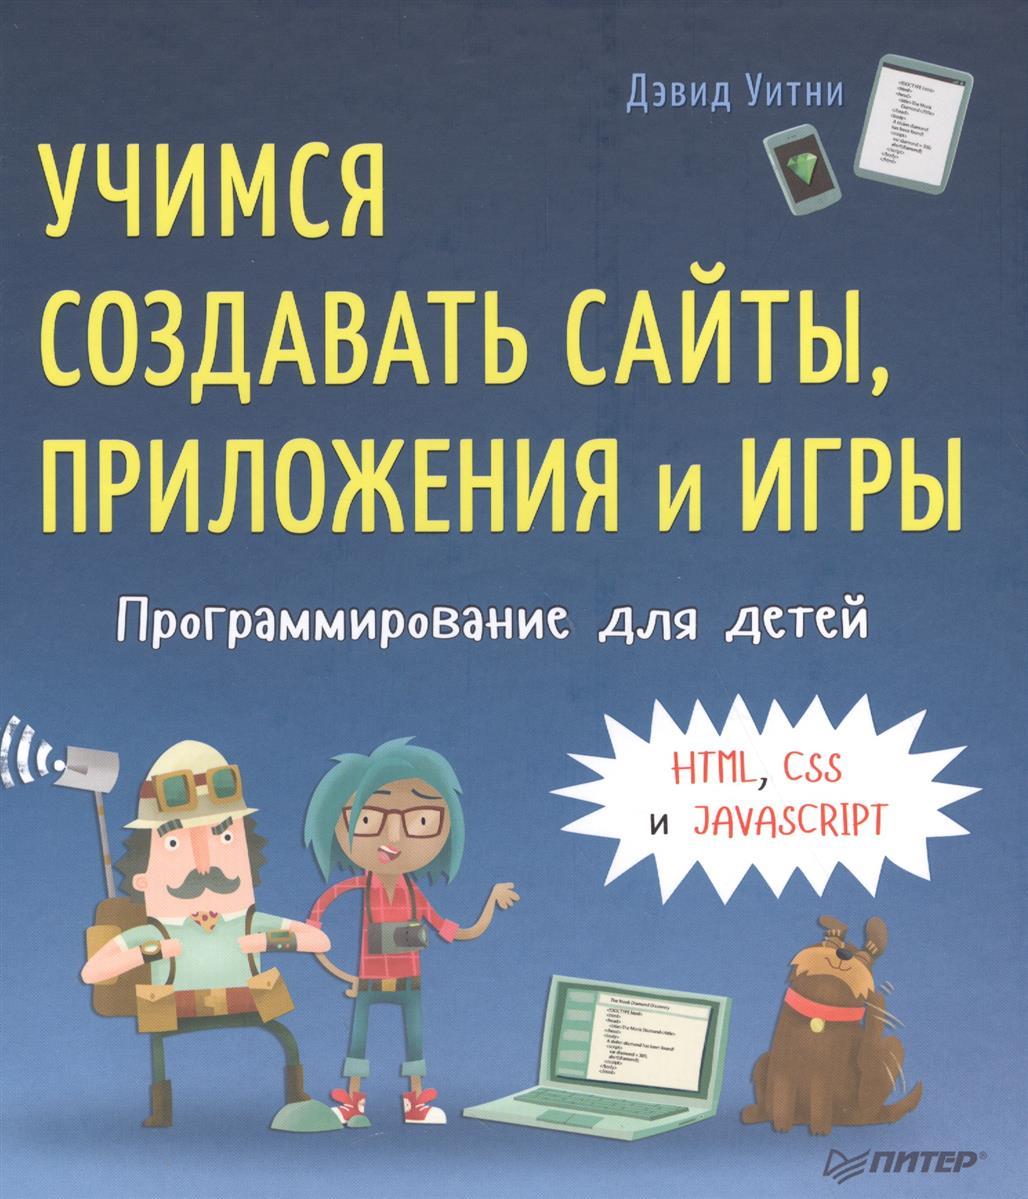 Уитни Д. Программирование для детей. Учимся создавать сайты, приложения и игры. HTML, CSS и JavaScript эрик фримен изучаем программирование на javascript